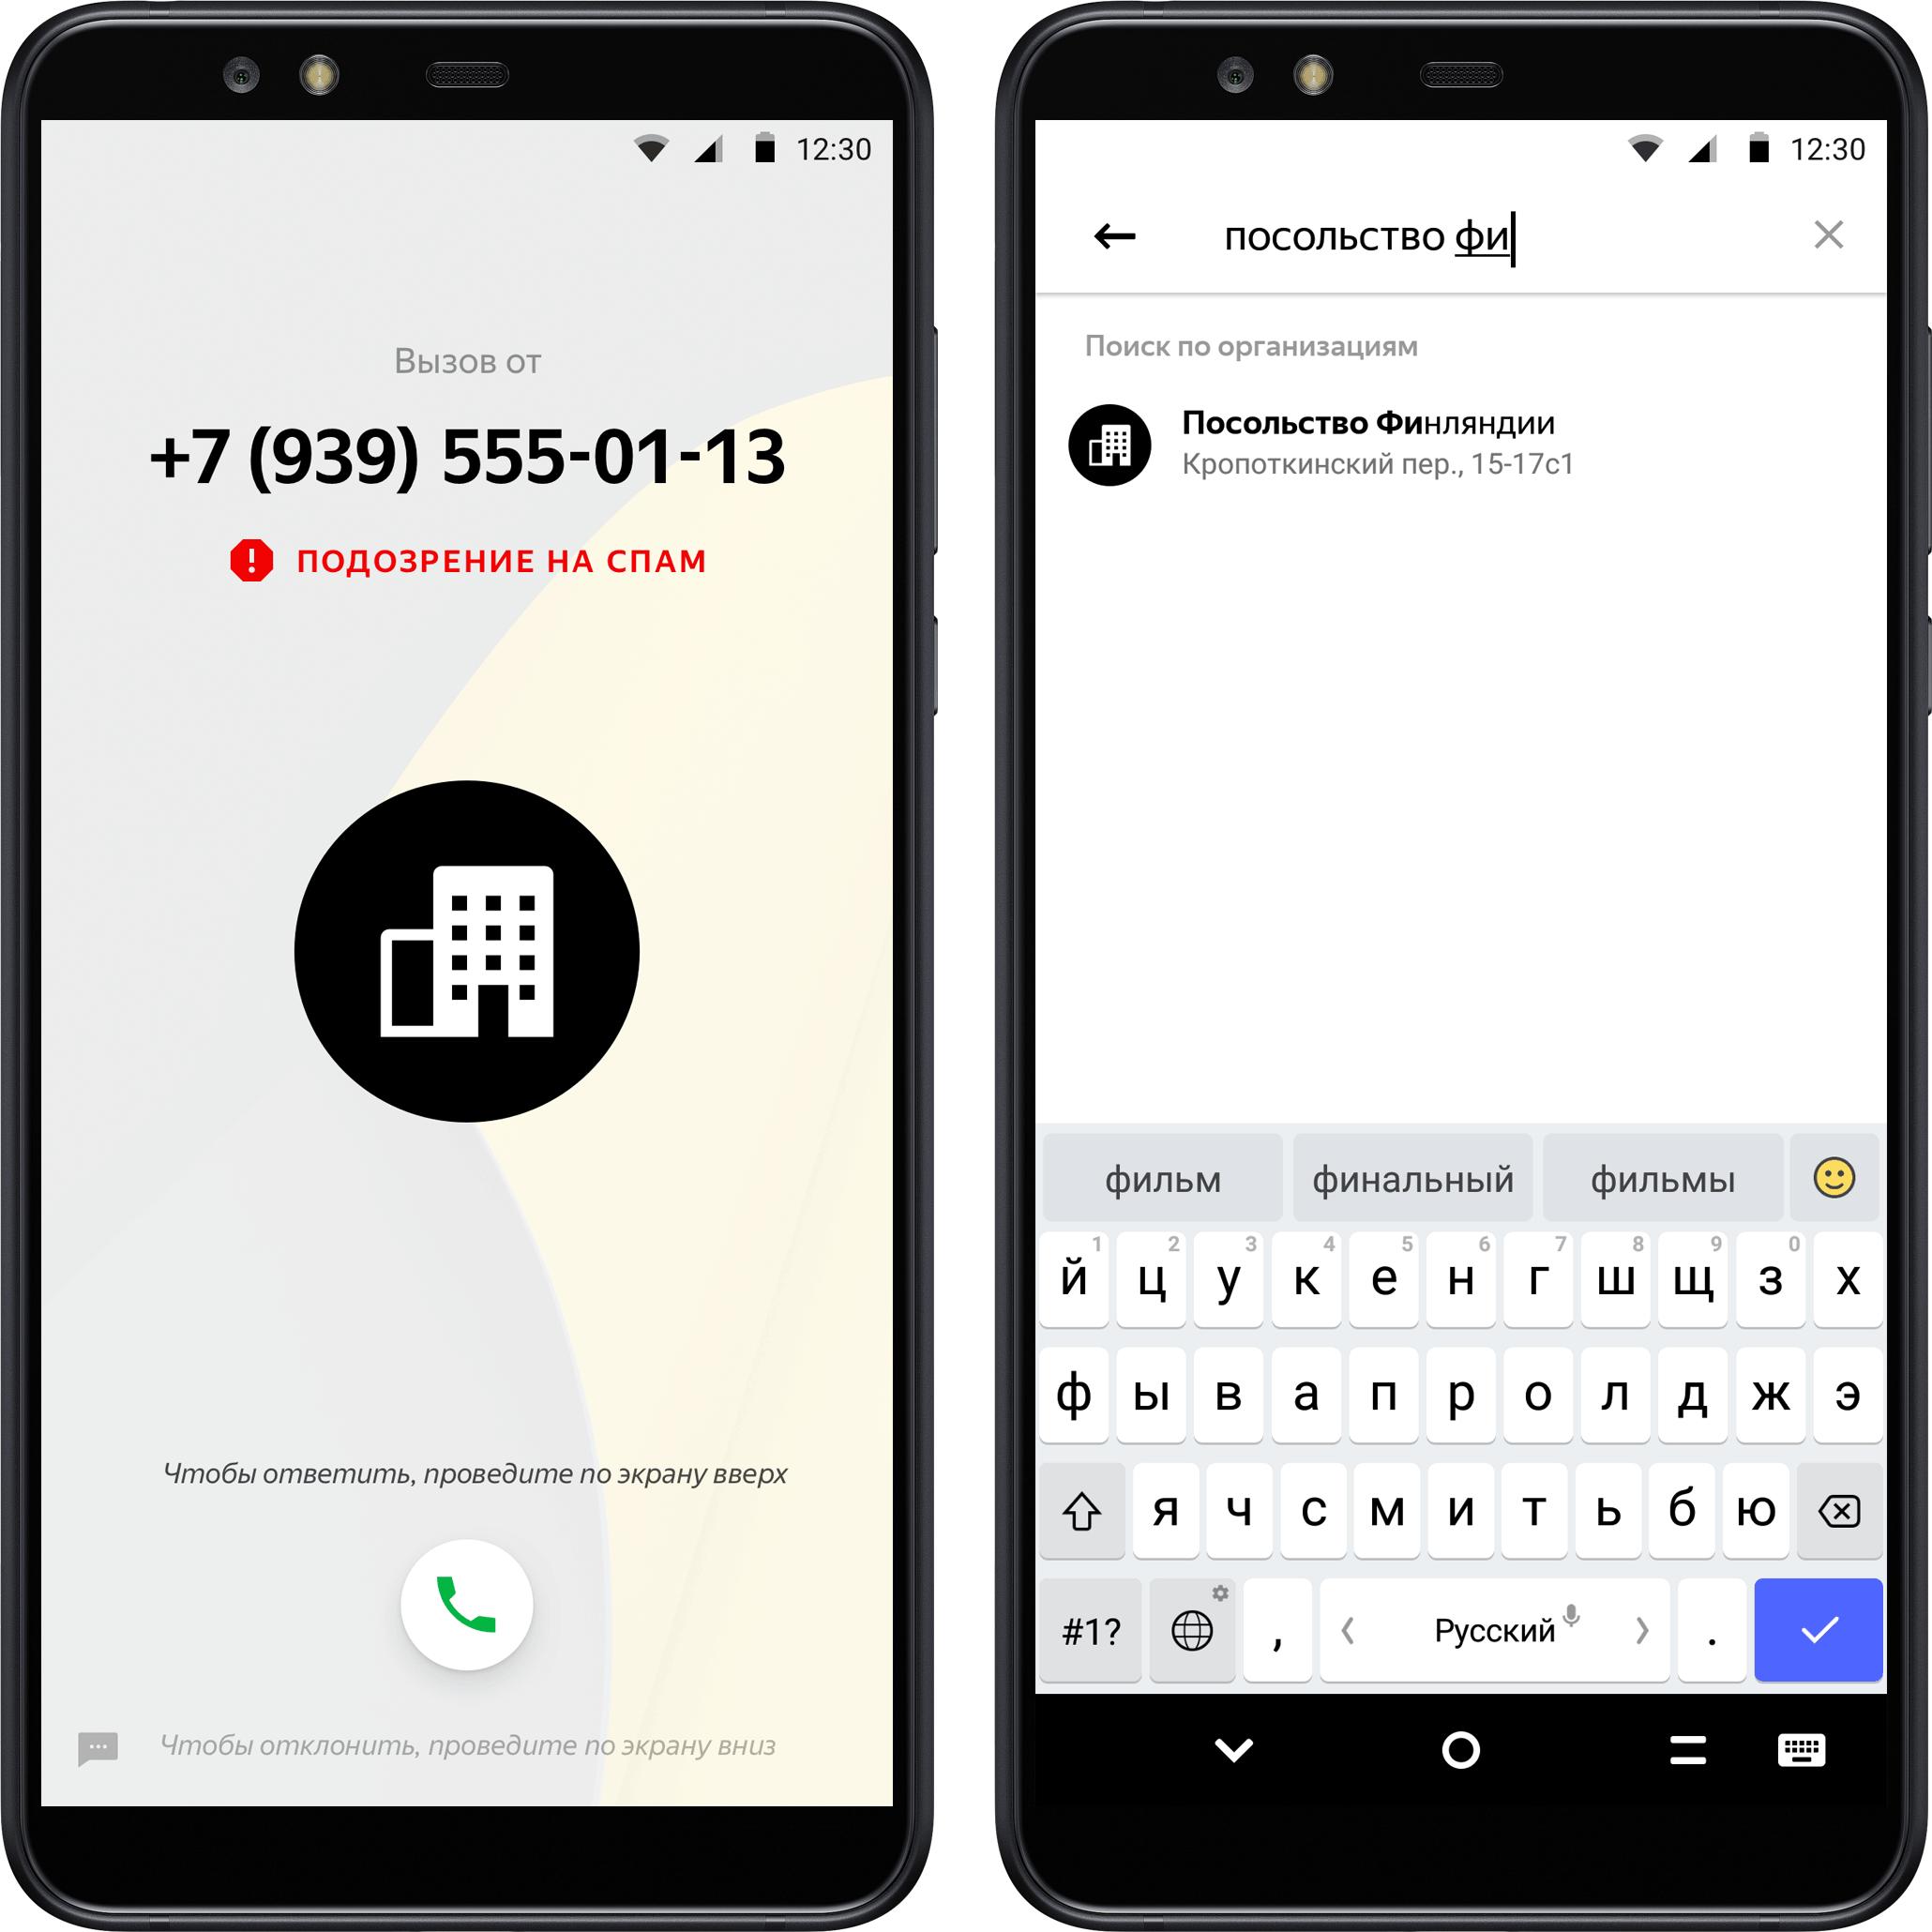 Телефон со своим Я